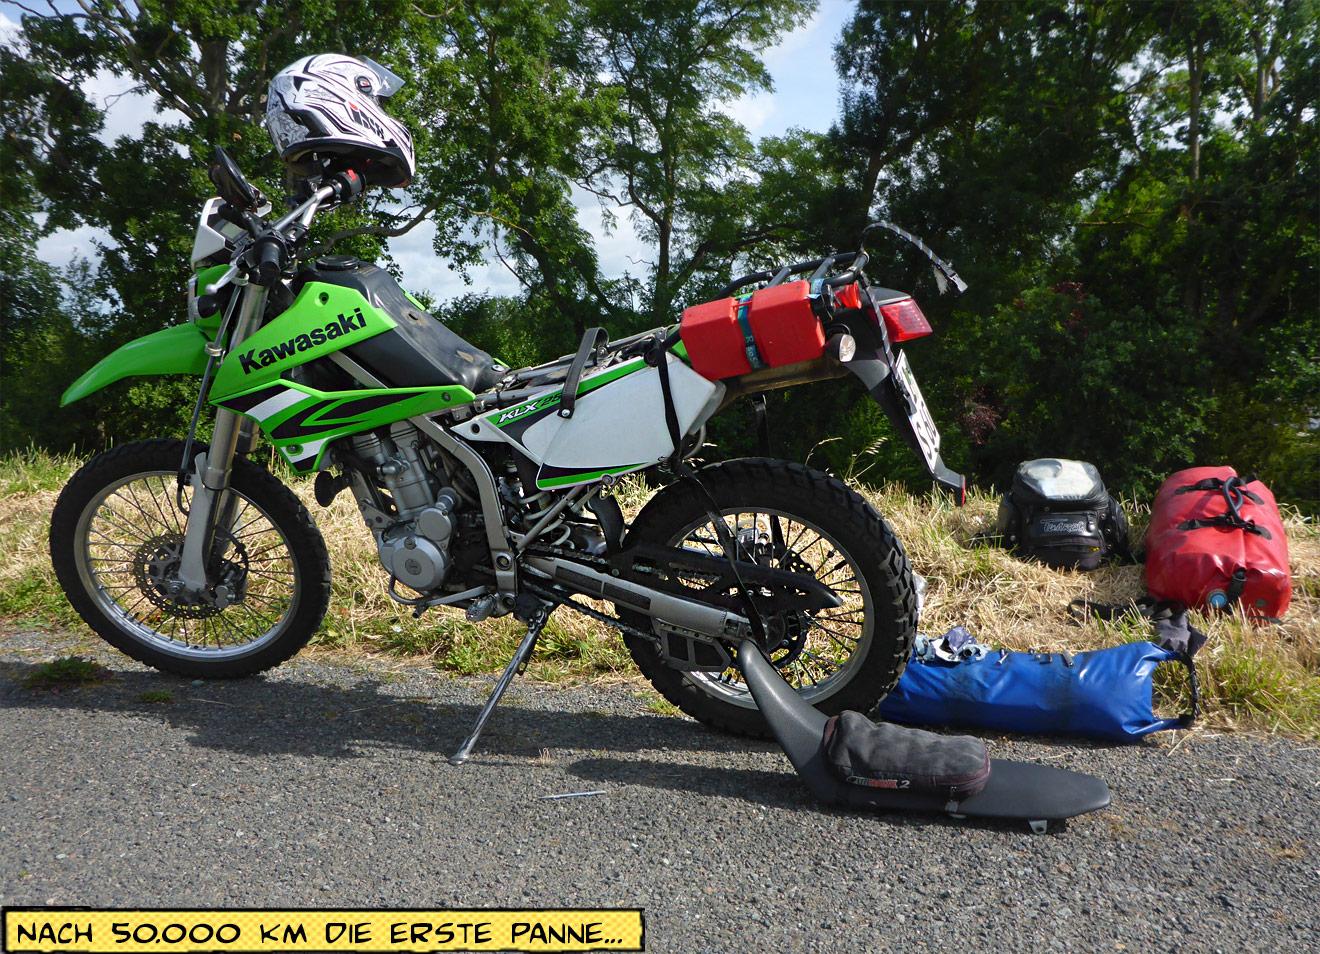 Motorrad mit Panne